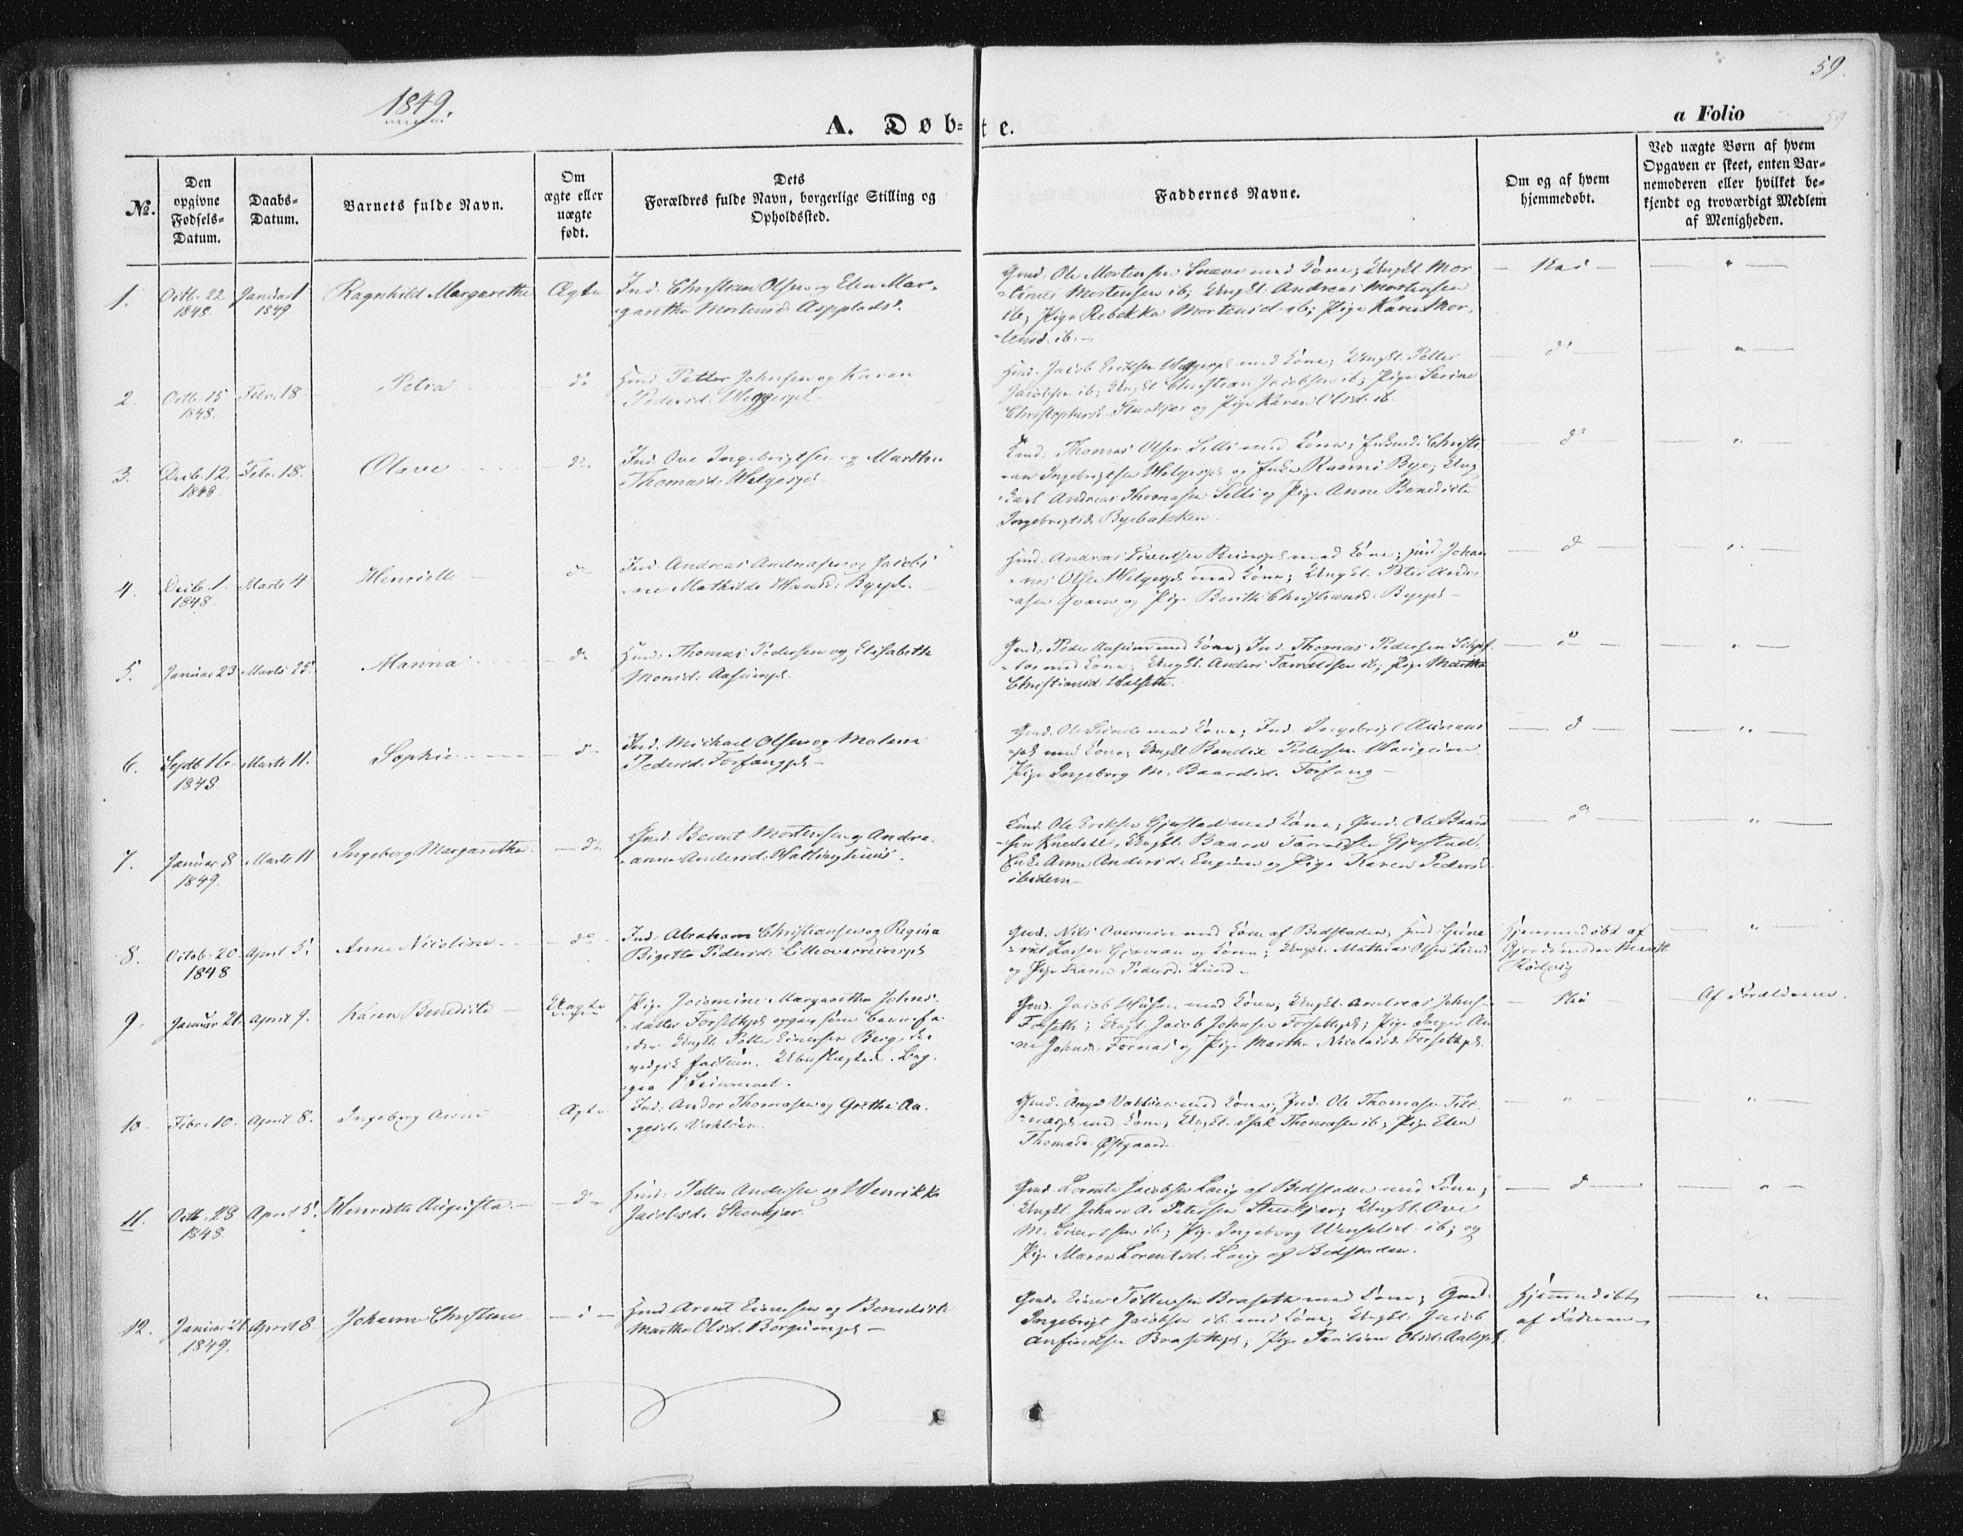 SAT, Ministerialprotokoller, klokkerbøker og fødselsregistre - Nord-Trøndelag, 746/L0446: Ministerialbok nr. 746A05, 1846-1859, s. 59